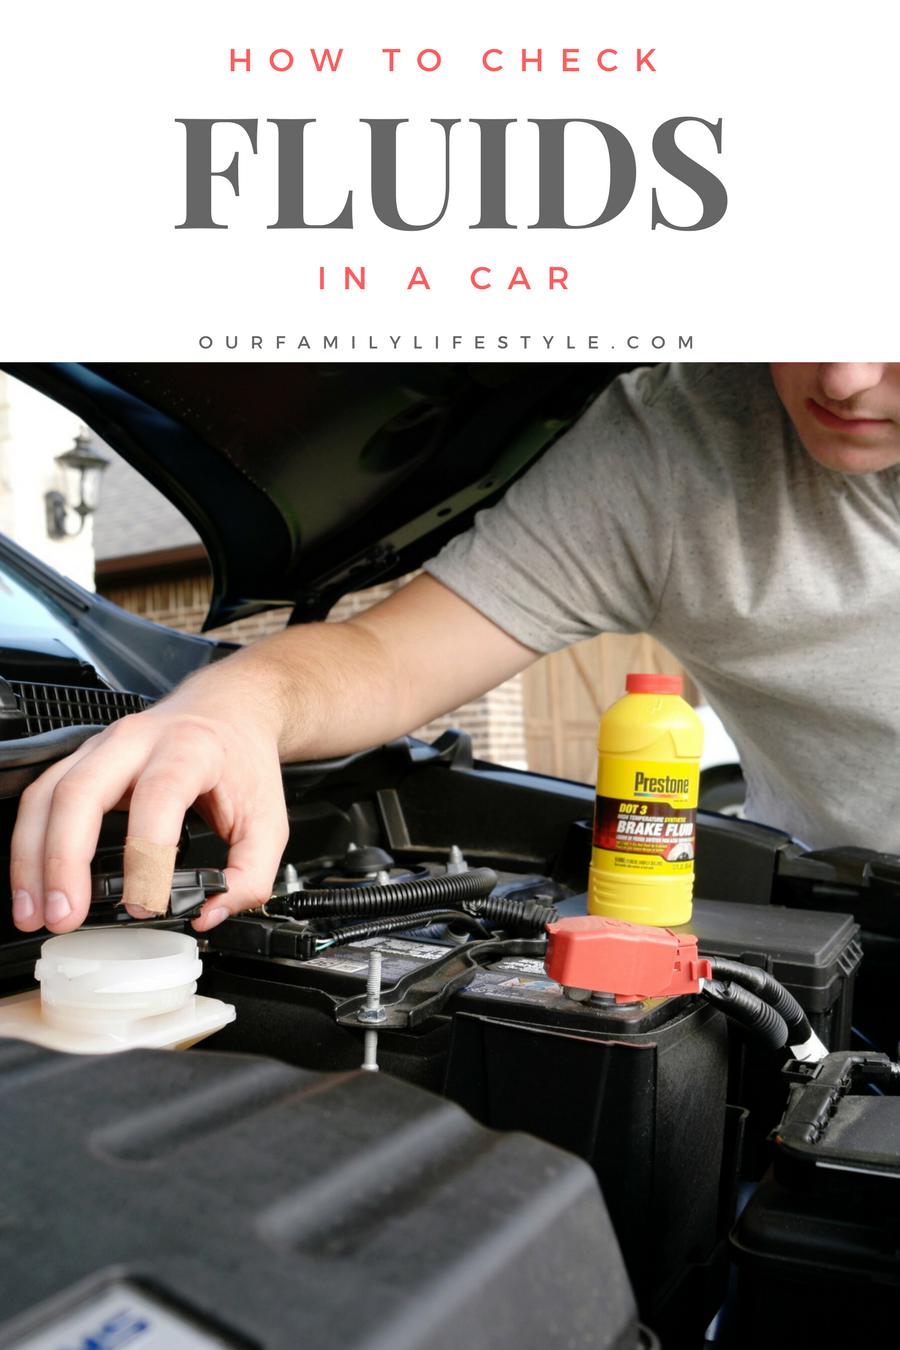 Teaching Millennials How To Check Fluids in a Car